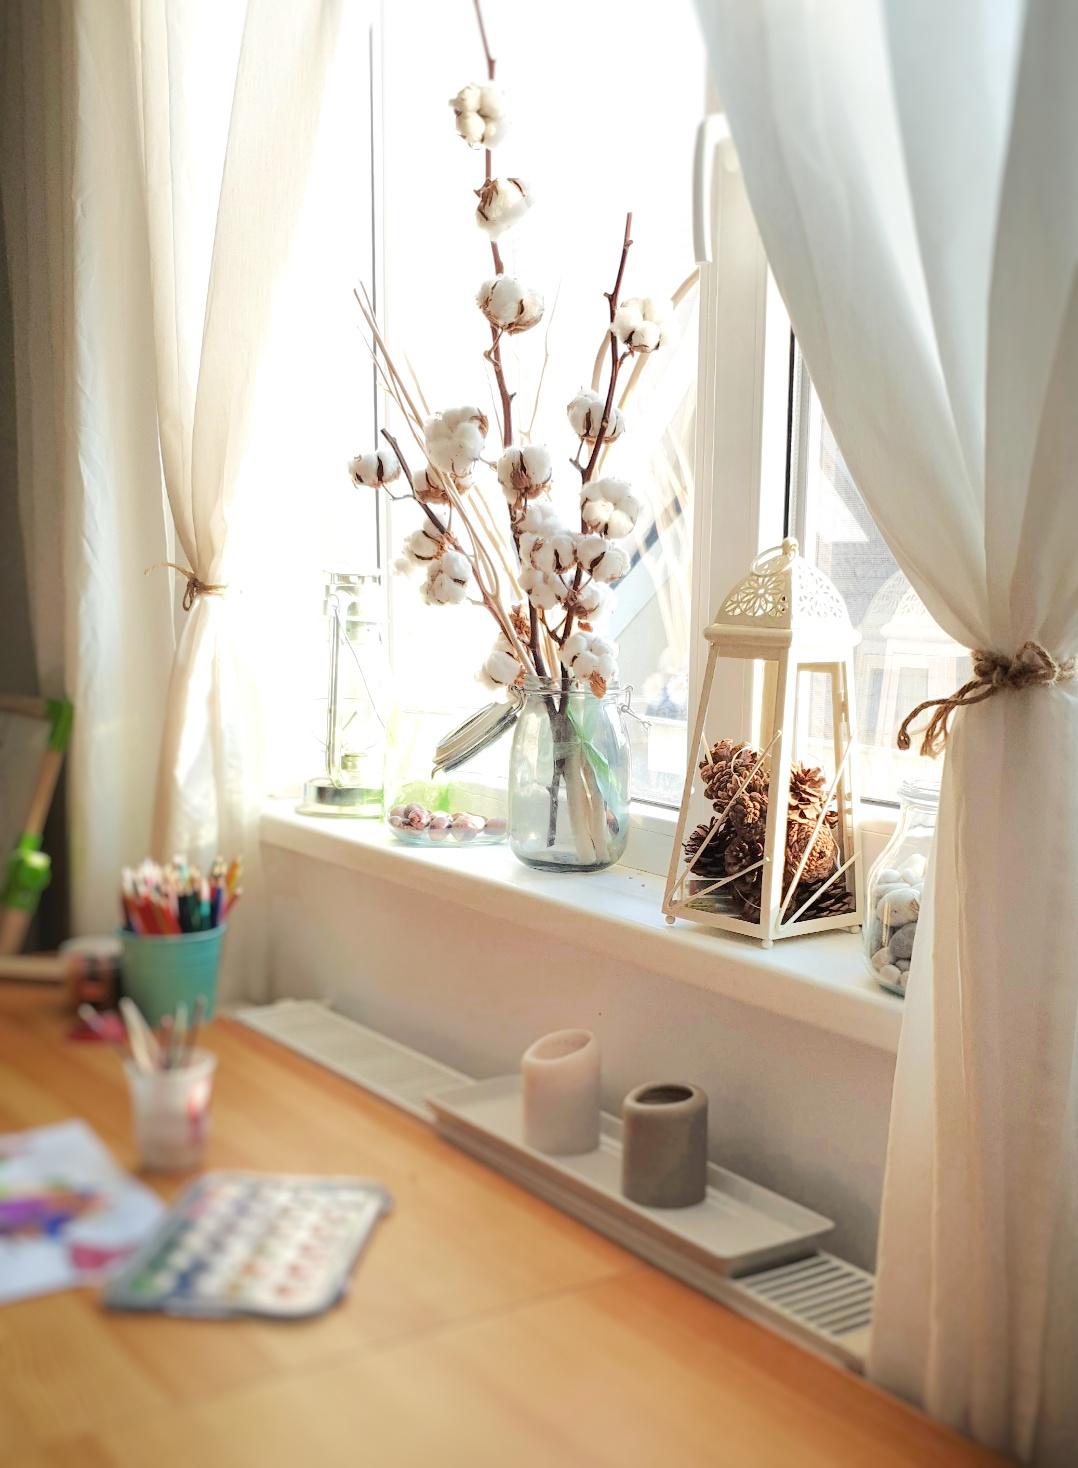 elemente naturale la geam